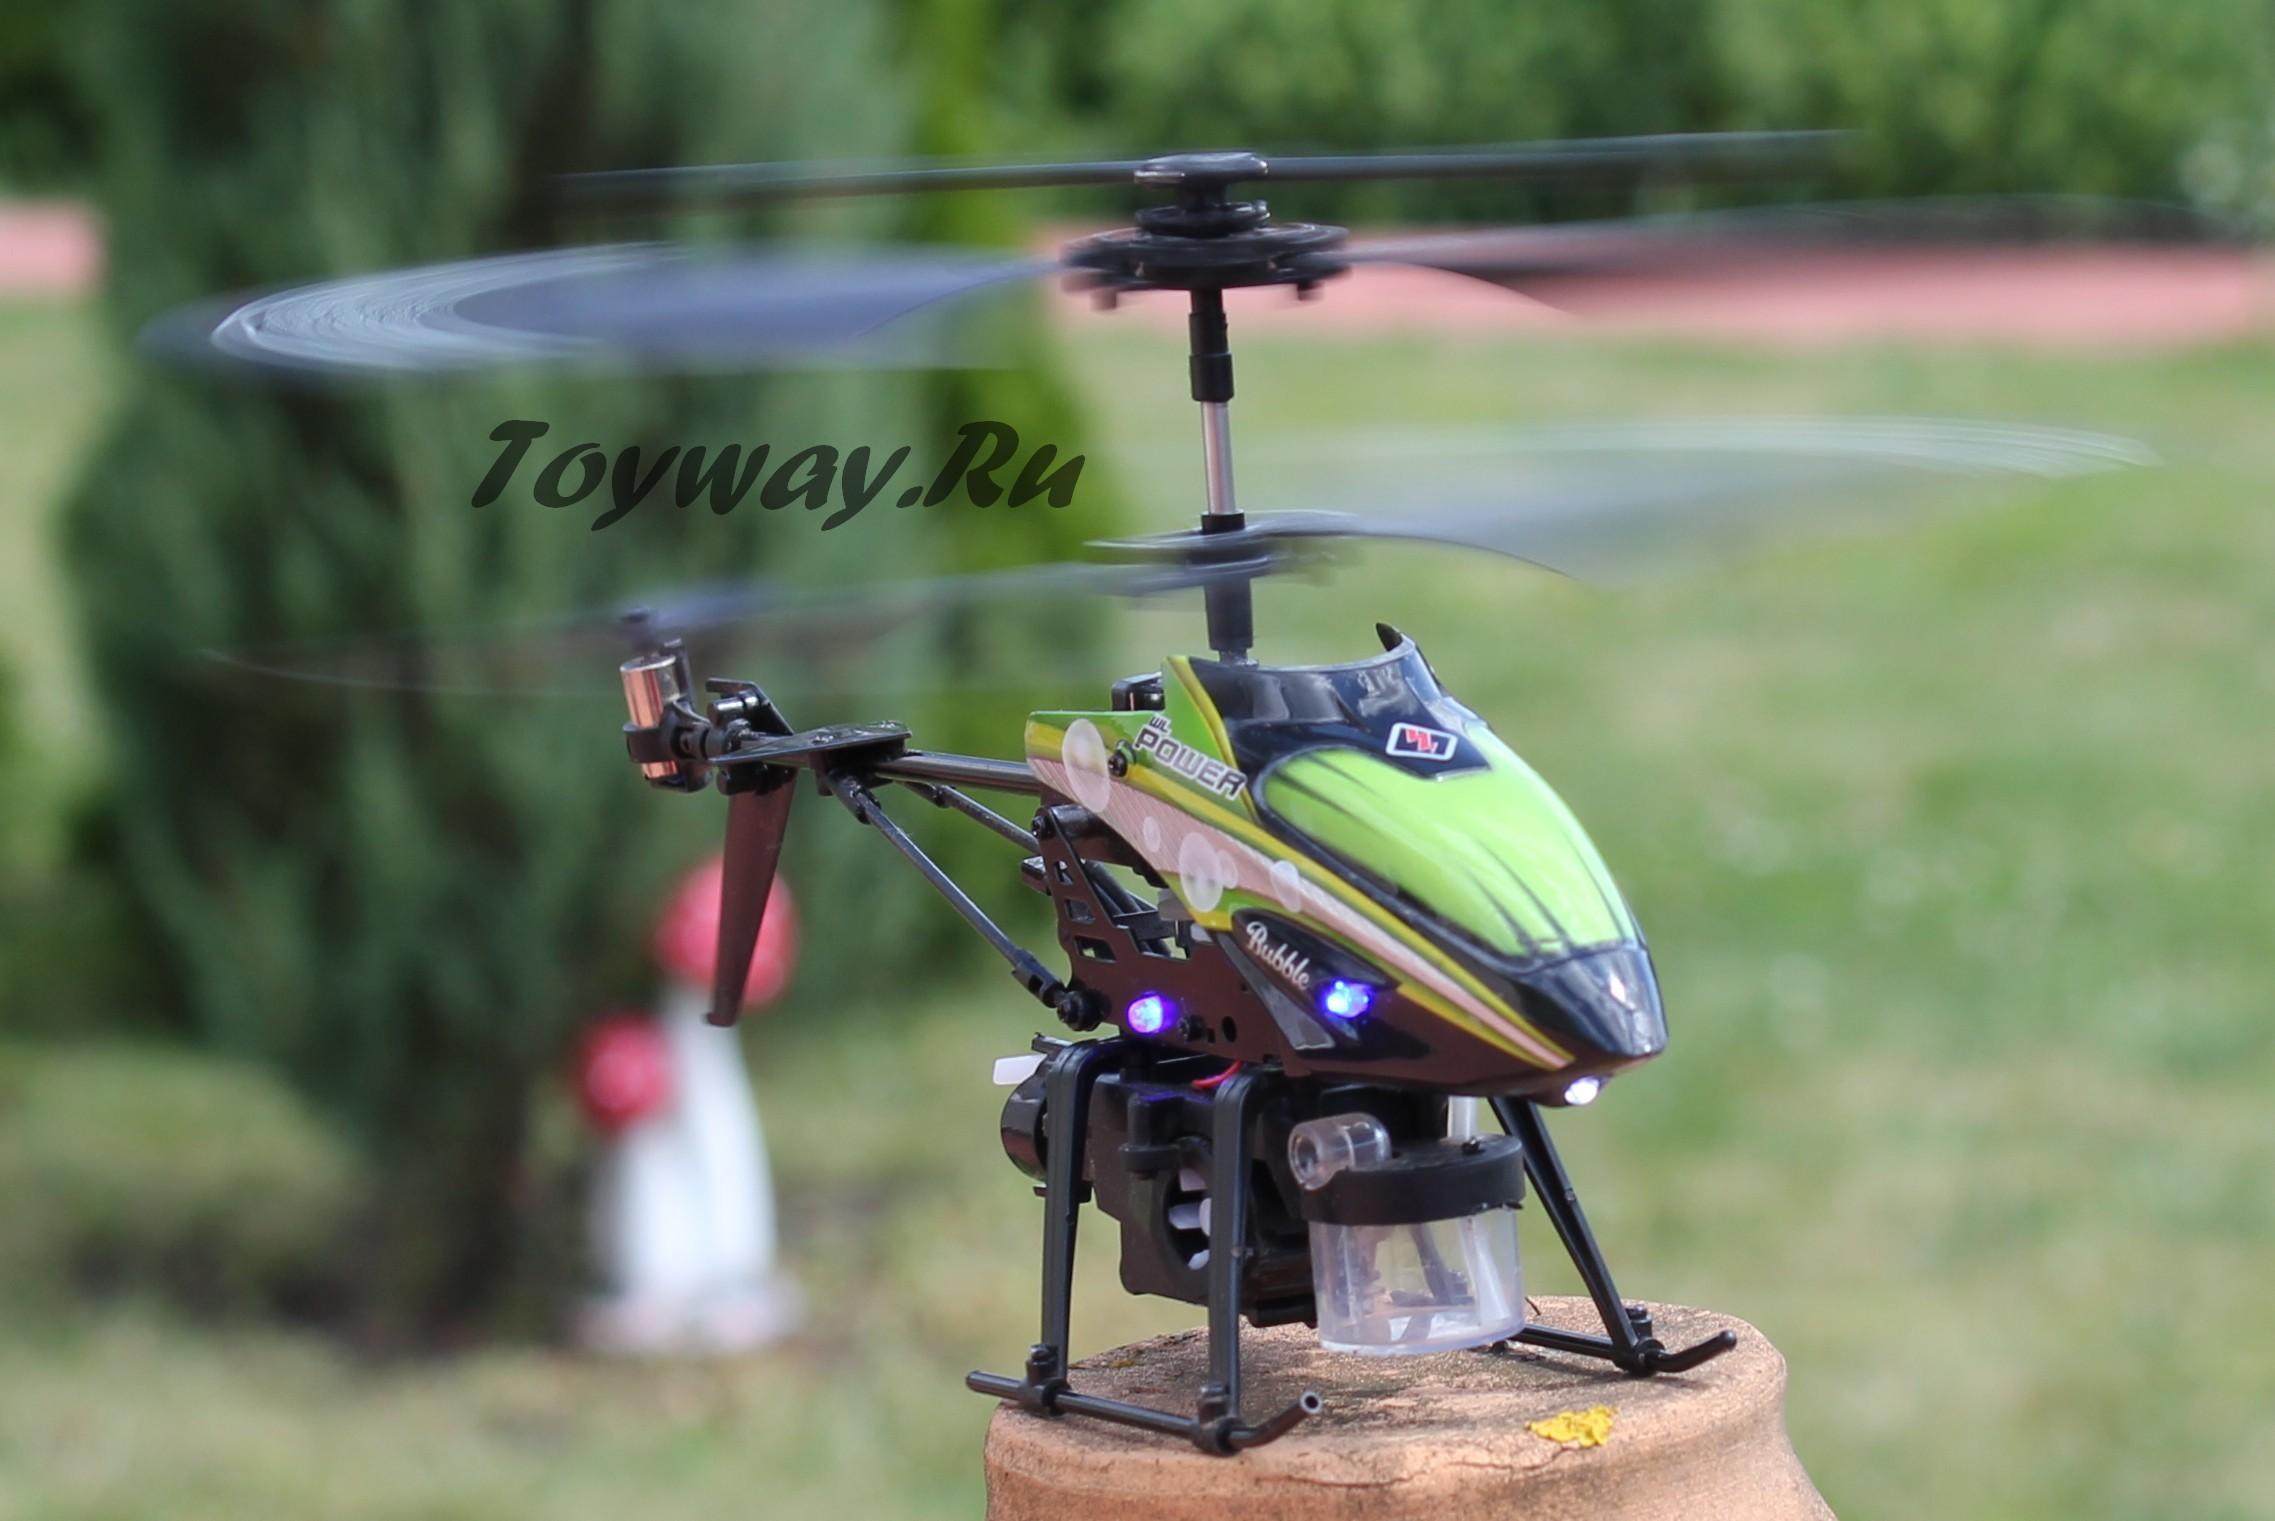 3-х канальный радиоуправляемый вертолёт с гироскопом и мыльными пузырямиРадиоуправляемые вертолеты<br>3-х канальный радиоуправляемый вертолёт с гироскопом и мыльными пузырями<br>